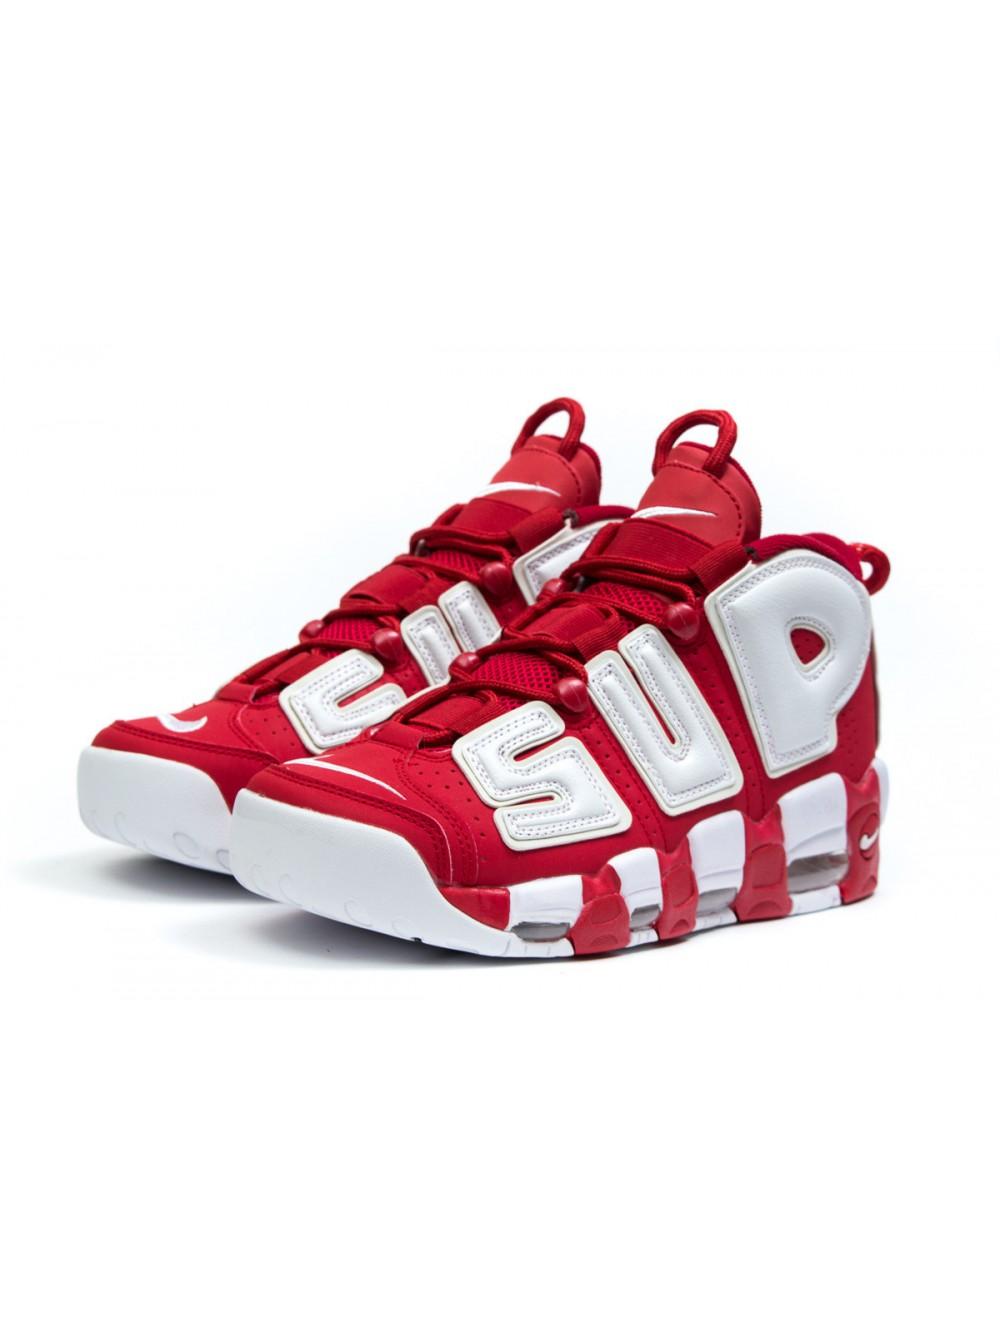 Мужские кроссовки кожаные Nike Air More Uptempo купить недорого c5f24c5112bc5